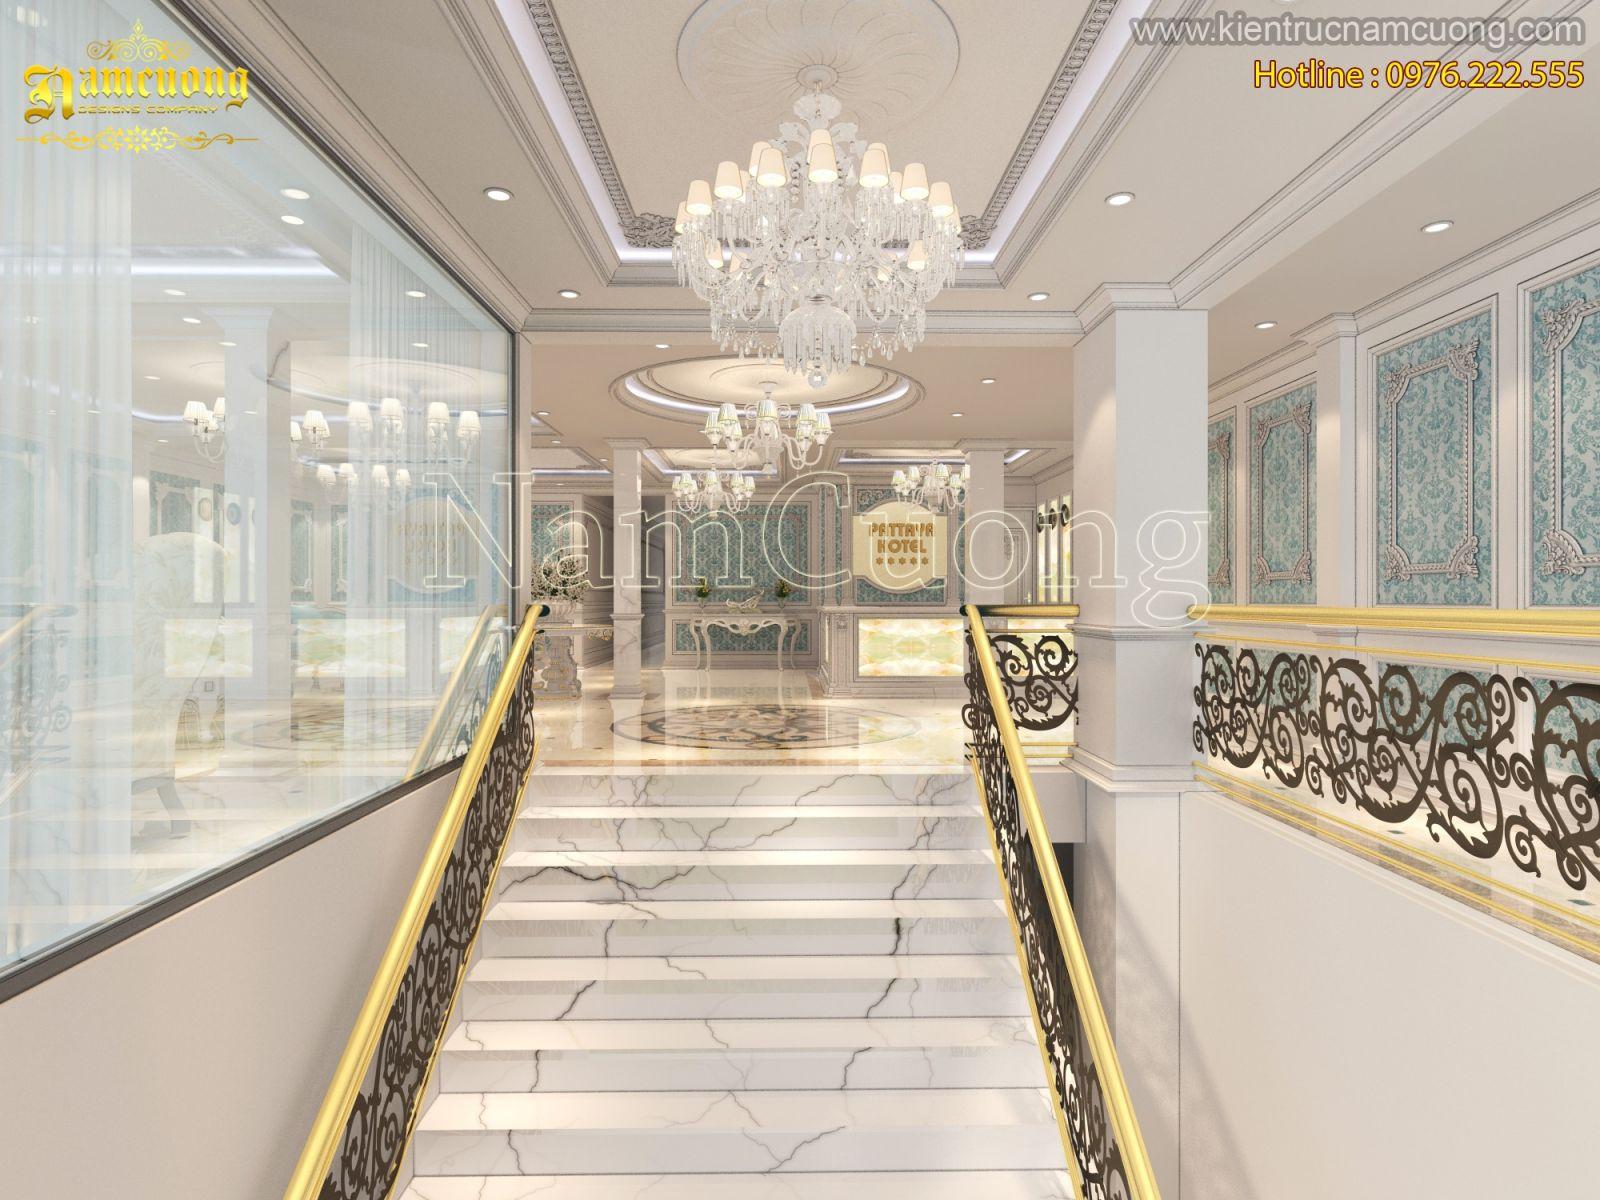 mẫu thiết kế khách sạn 4 sao mái bằng